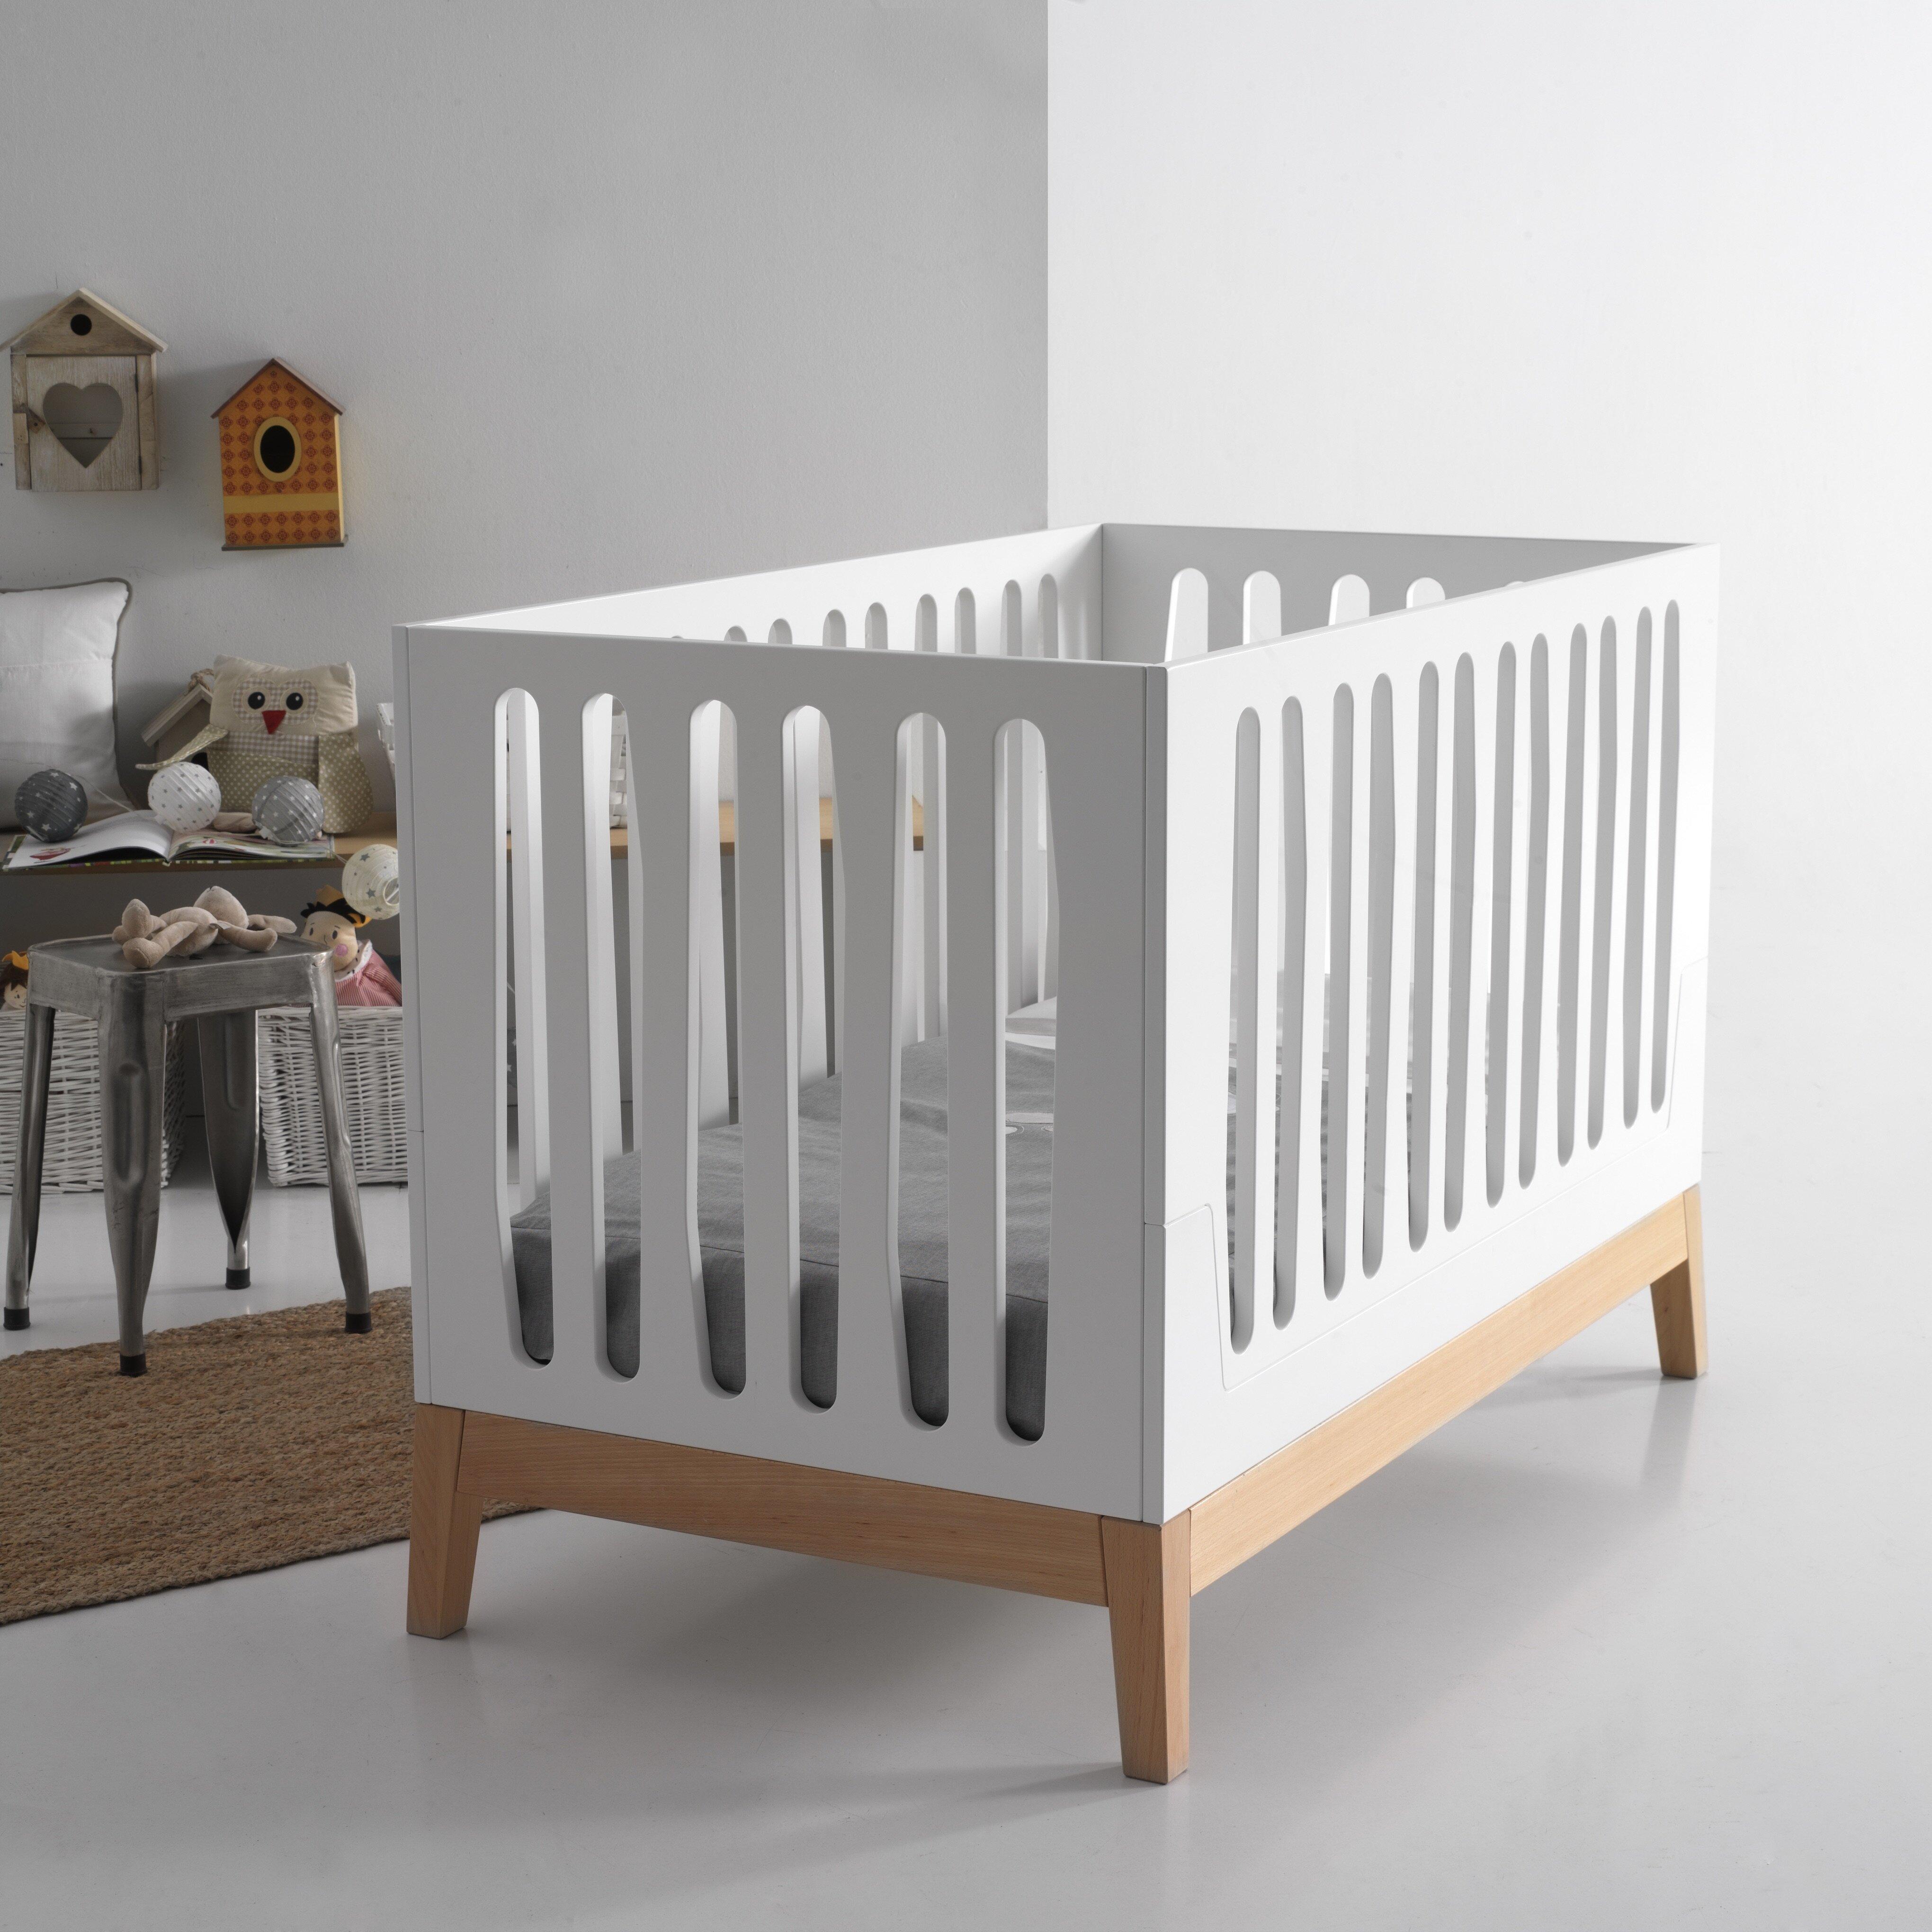 Crib for sale sulit com - Bonavita Crib For Sale Used Bresole Nubol 3in1 Convertible Crib